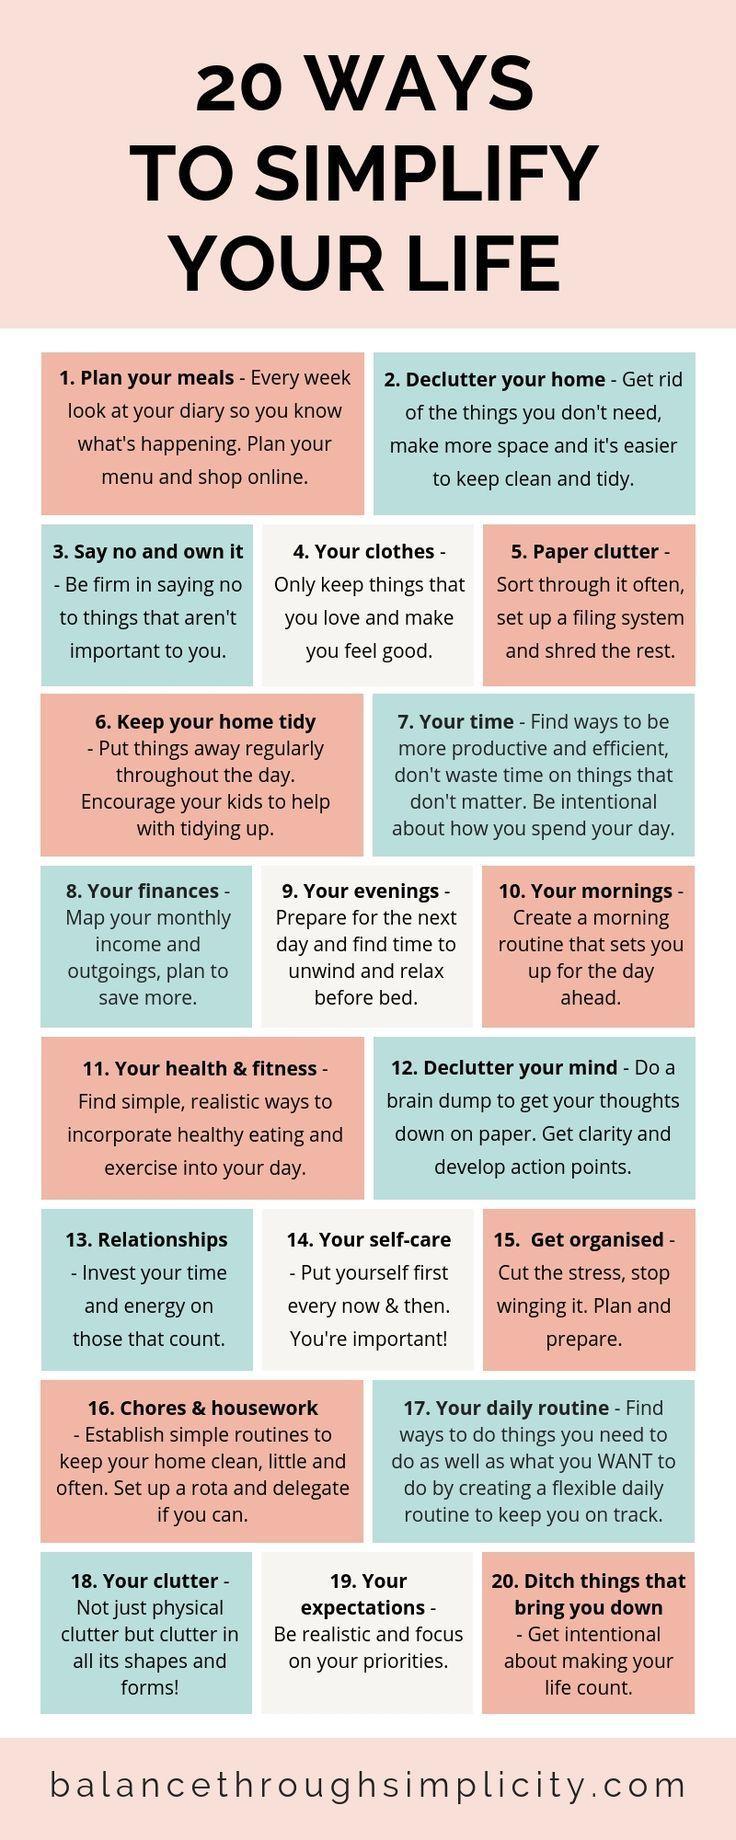 20 Ways to Simplify Your Life - Balance Through Simplicity